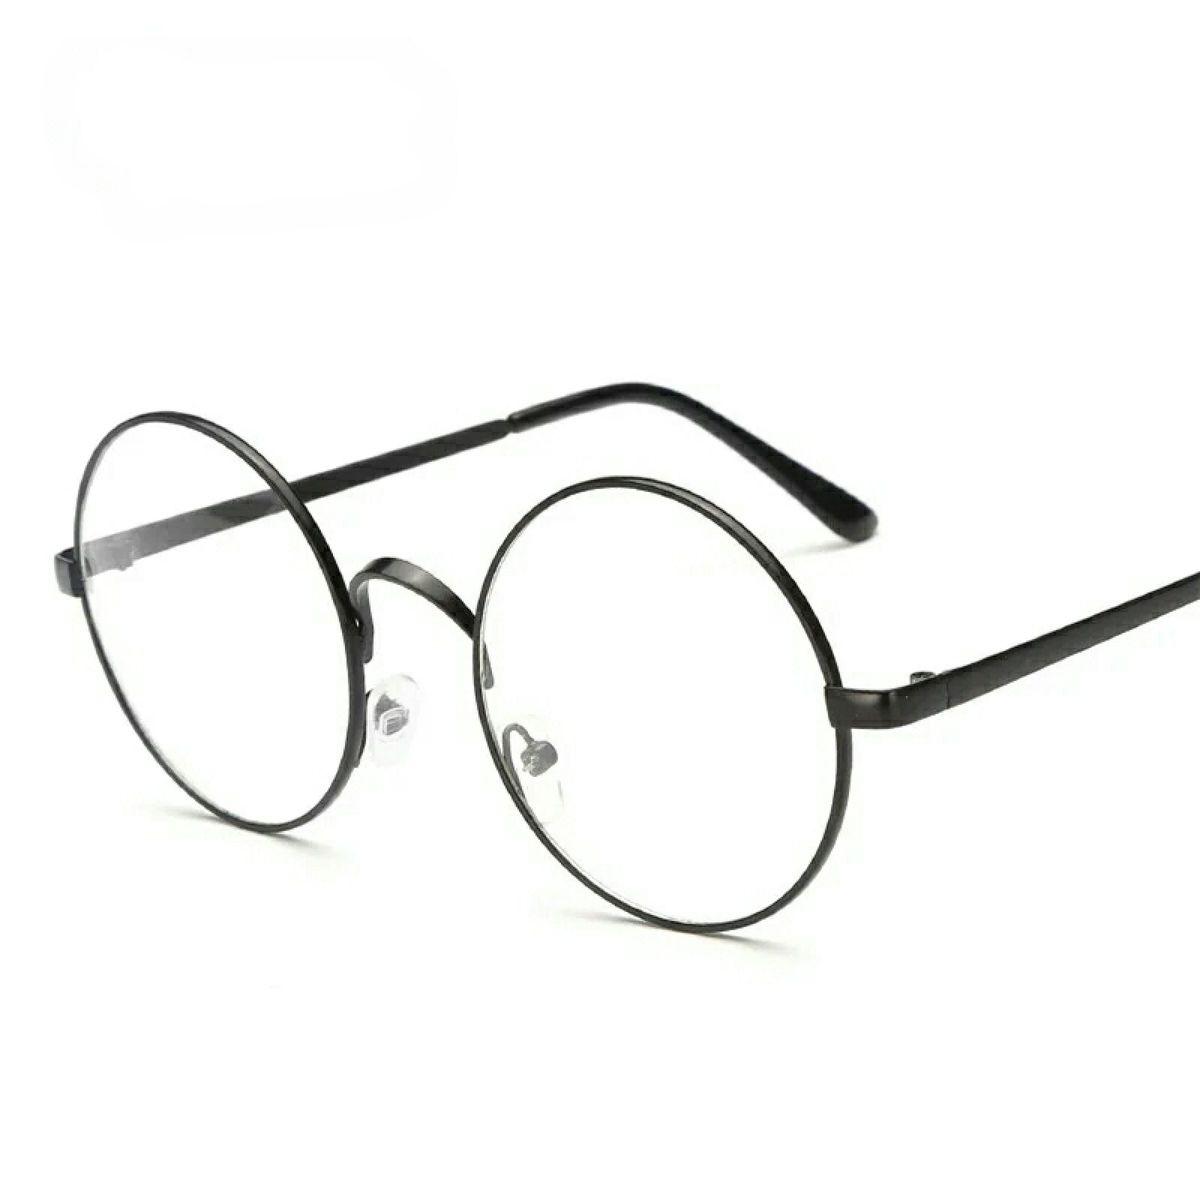 bb54fe25b81c9 armação de óculos grau retrô redondo unissex - óculos importado